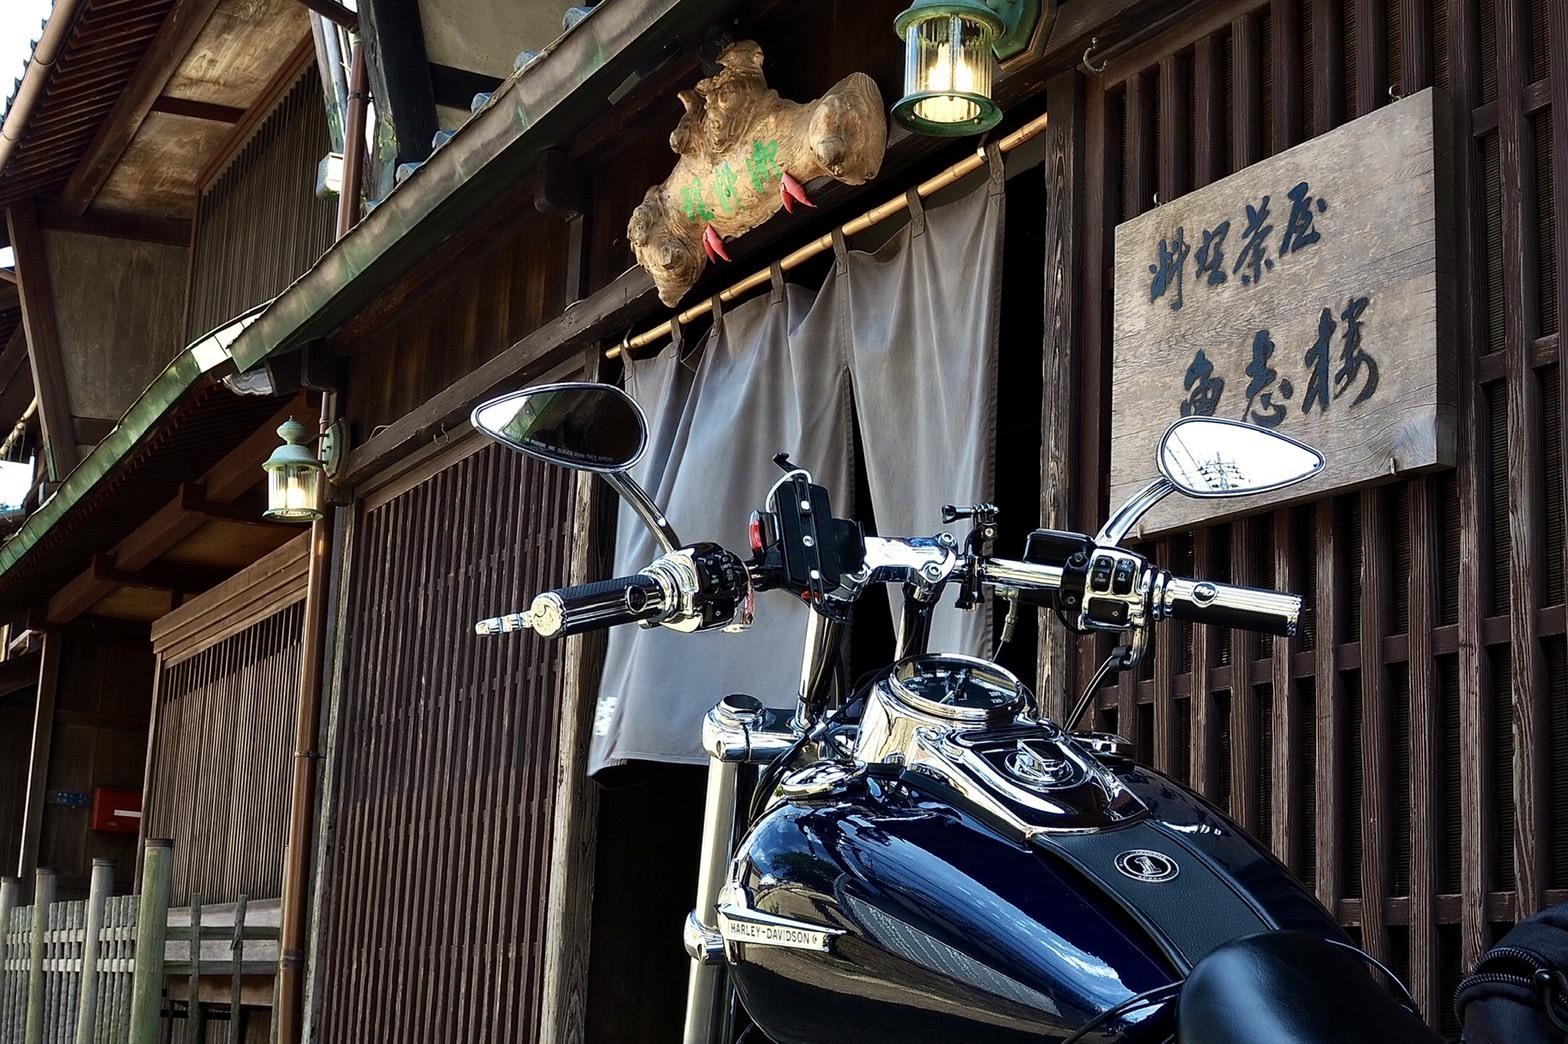 ぴーきちハーレーブログ 福井金沢ツーリング 東尋坊 グルメ 三国 魚志楼 芸妓さん 置屋